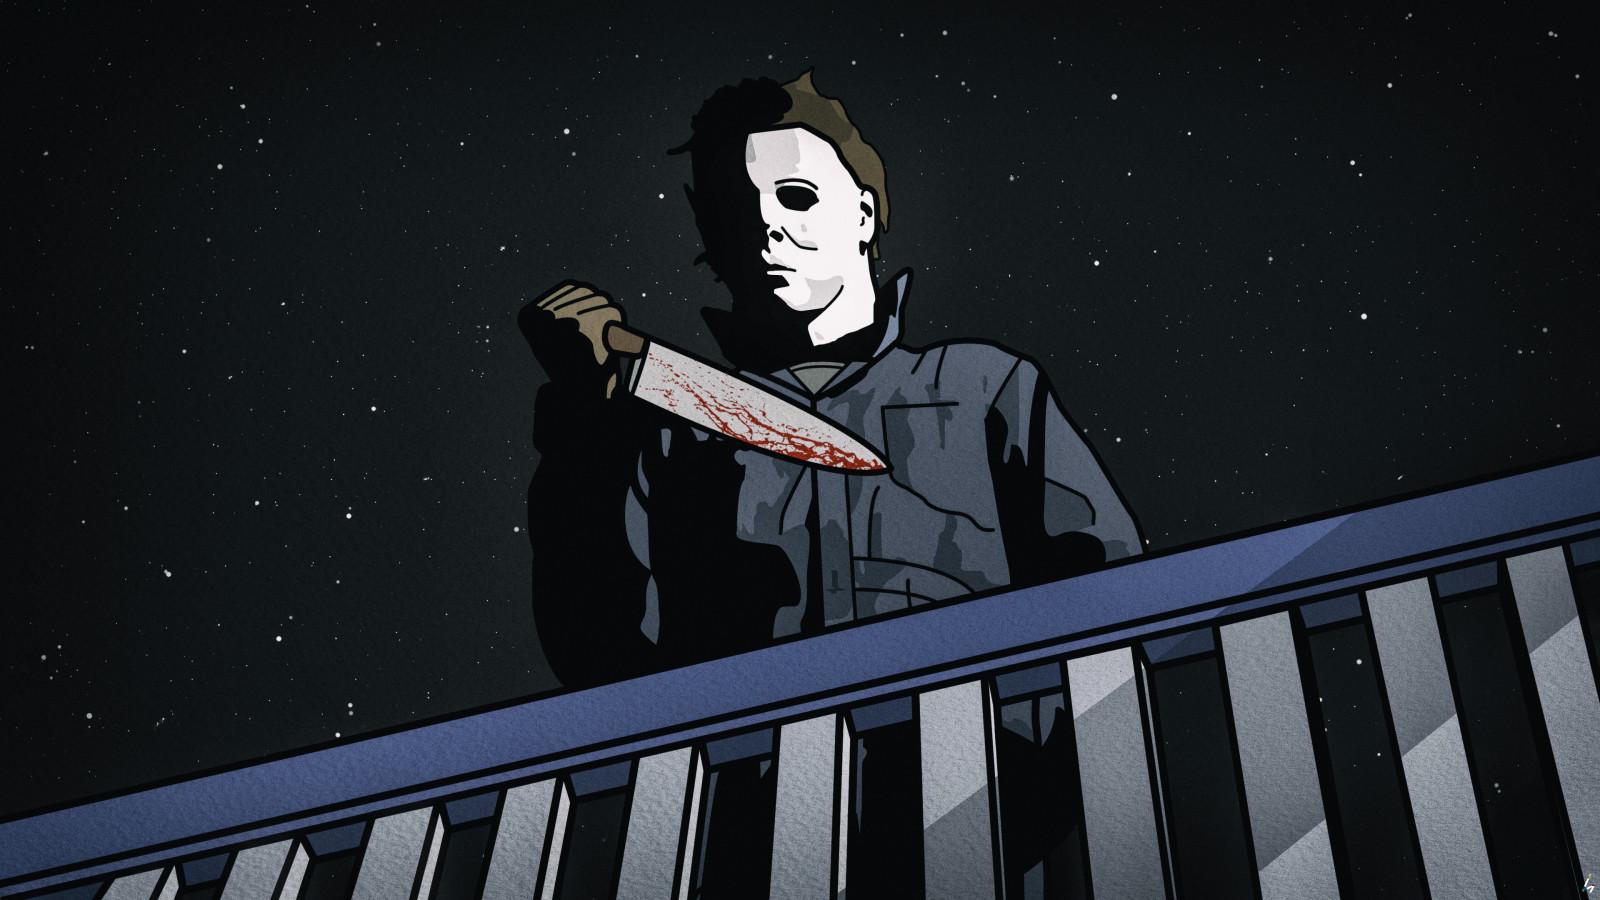 Wallpaper : michael myers, Halloween, horror, fan art ...